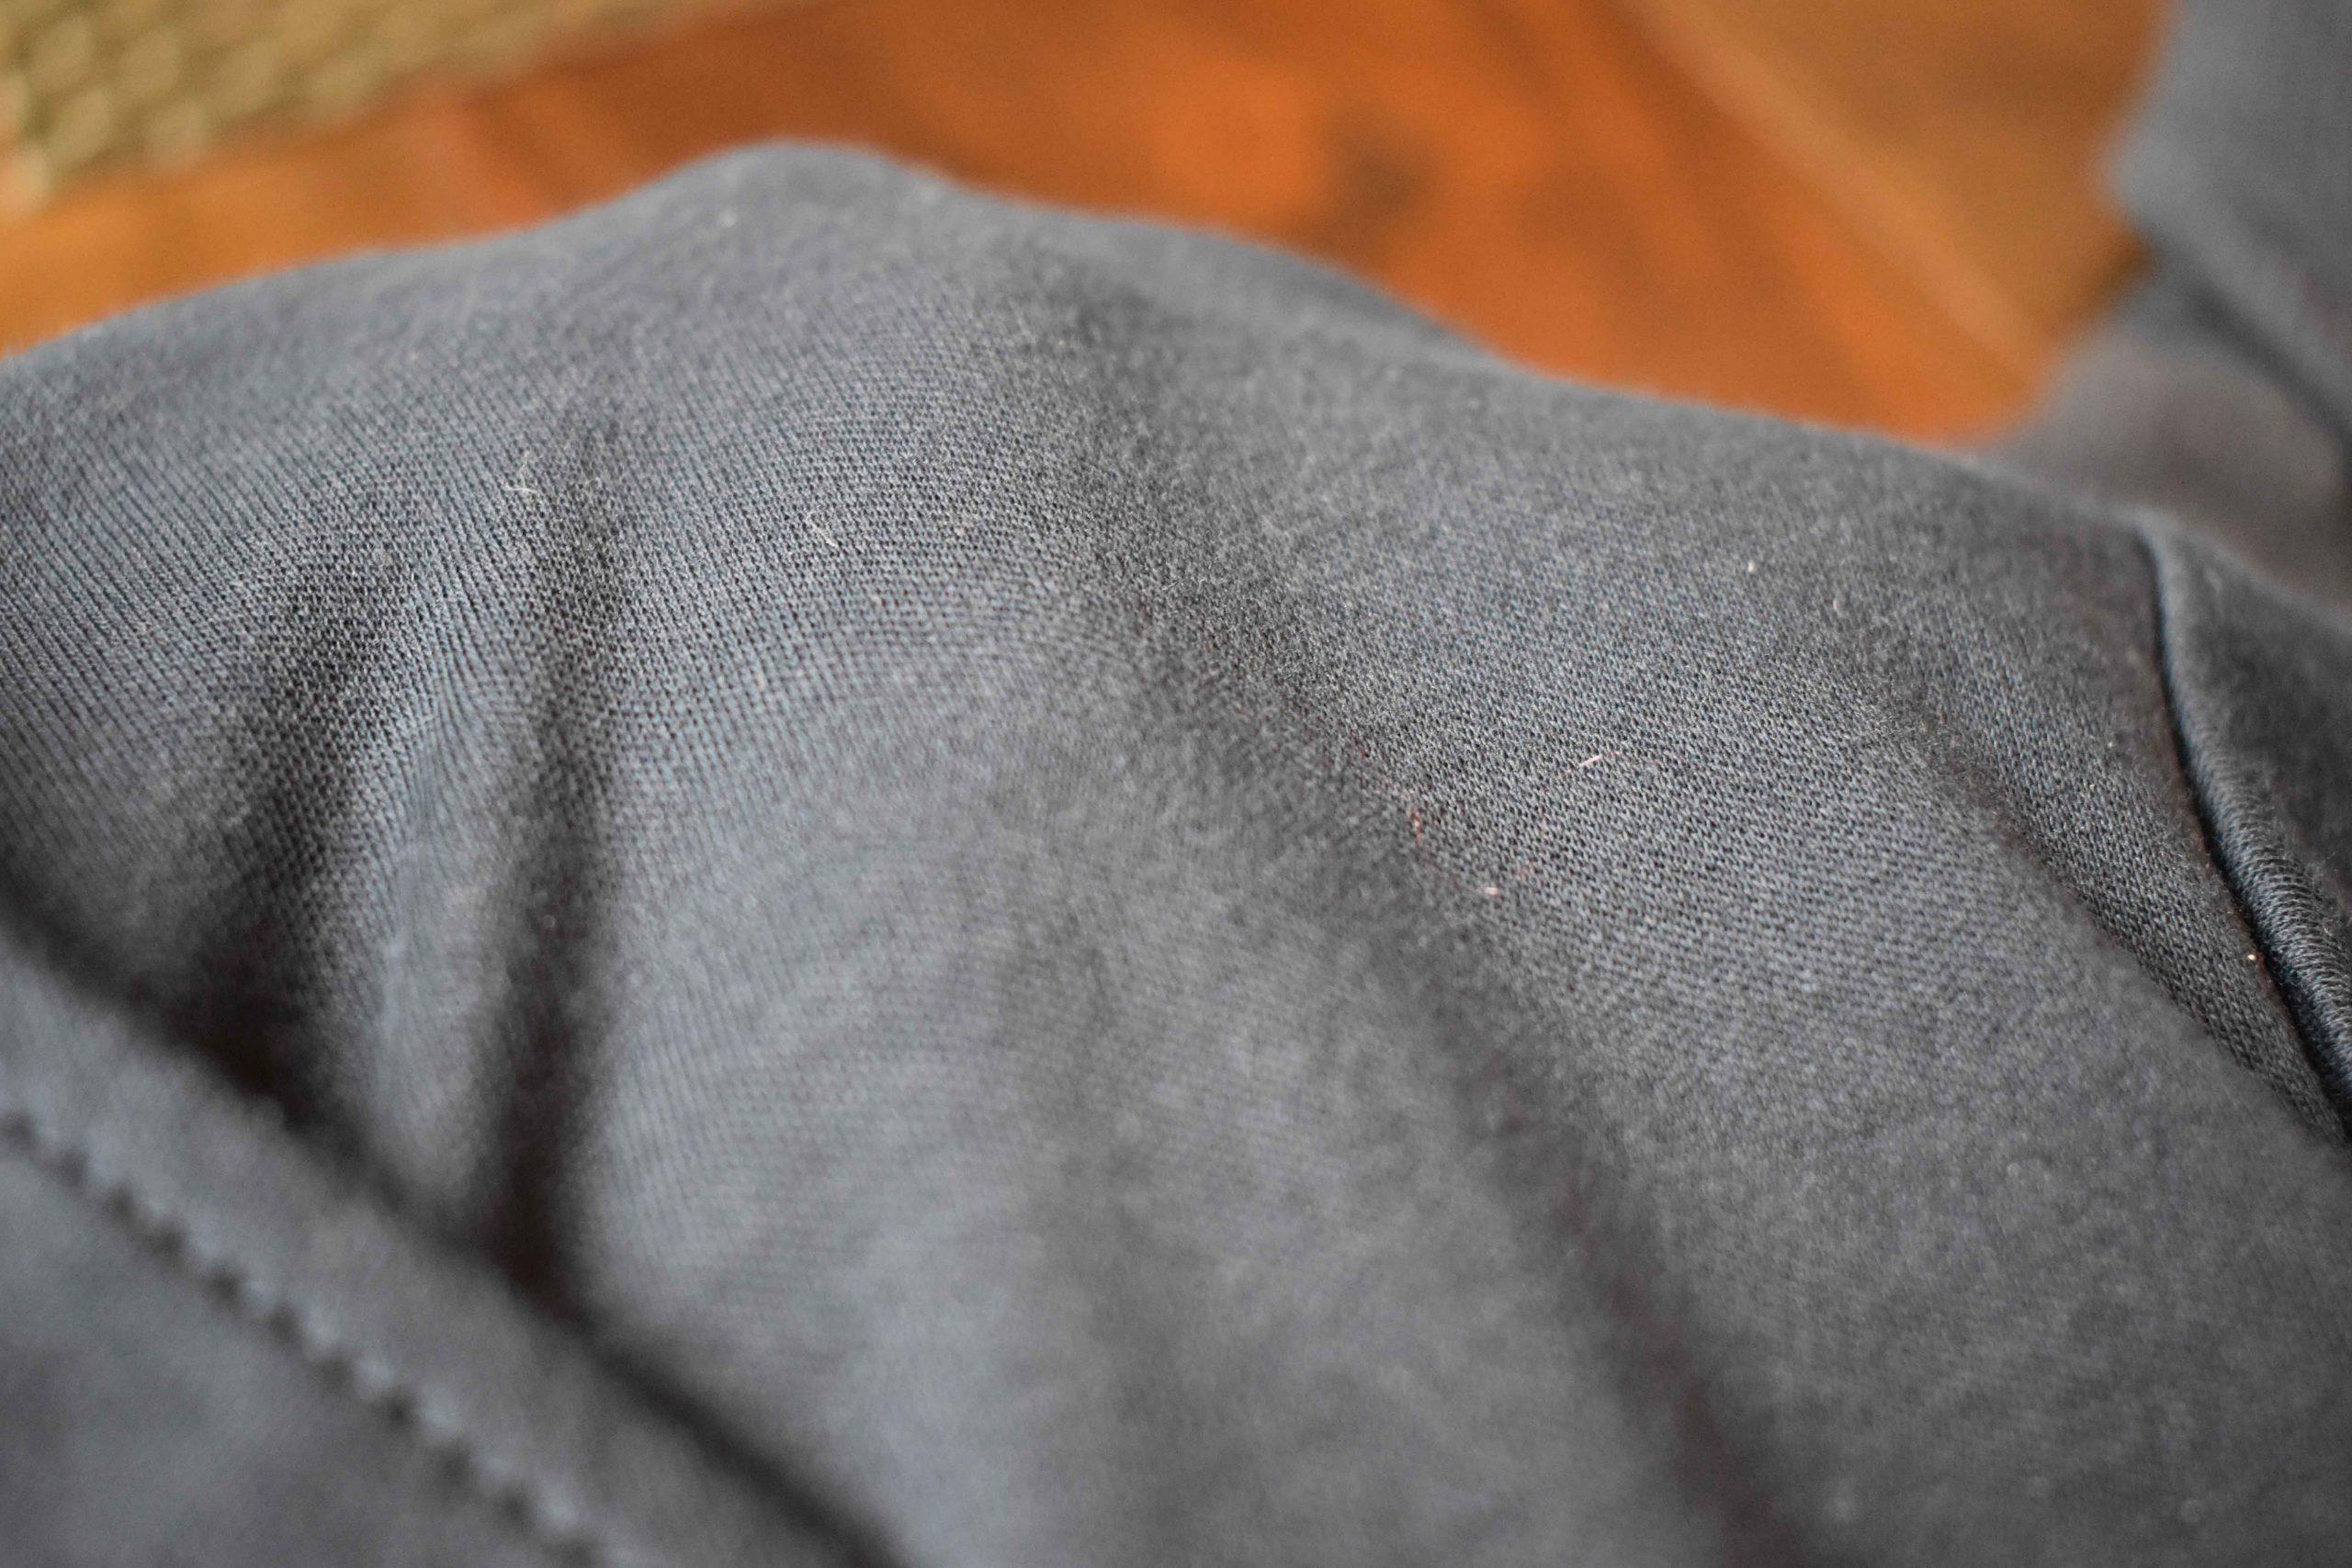 Sea Island Cotton close up